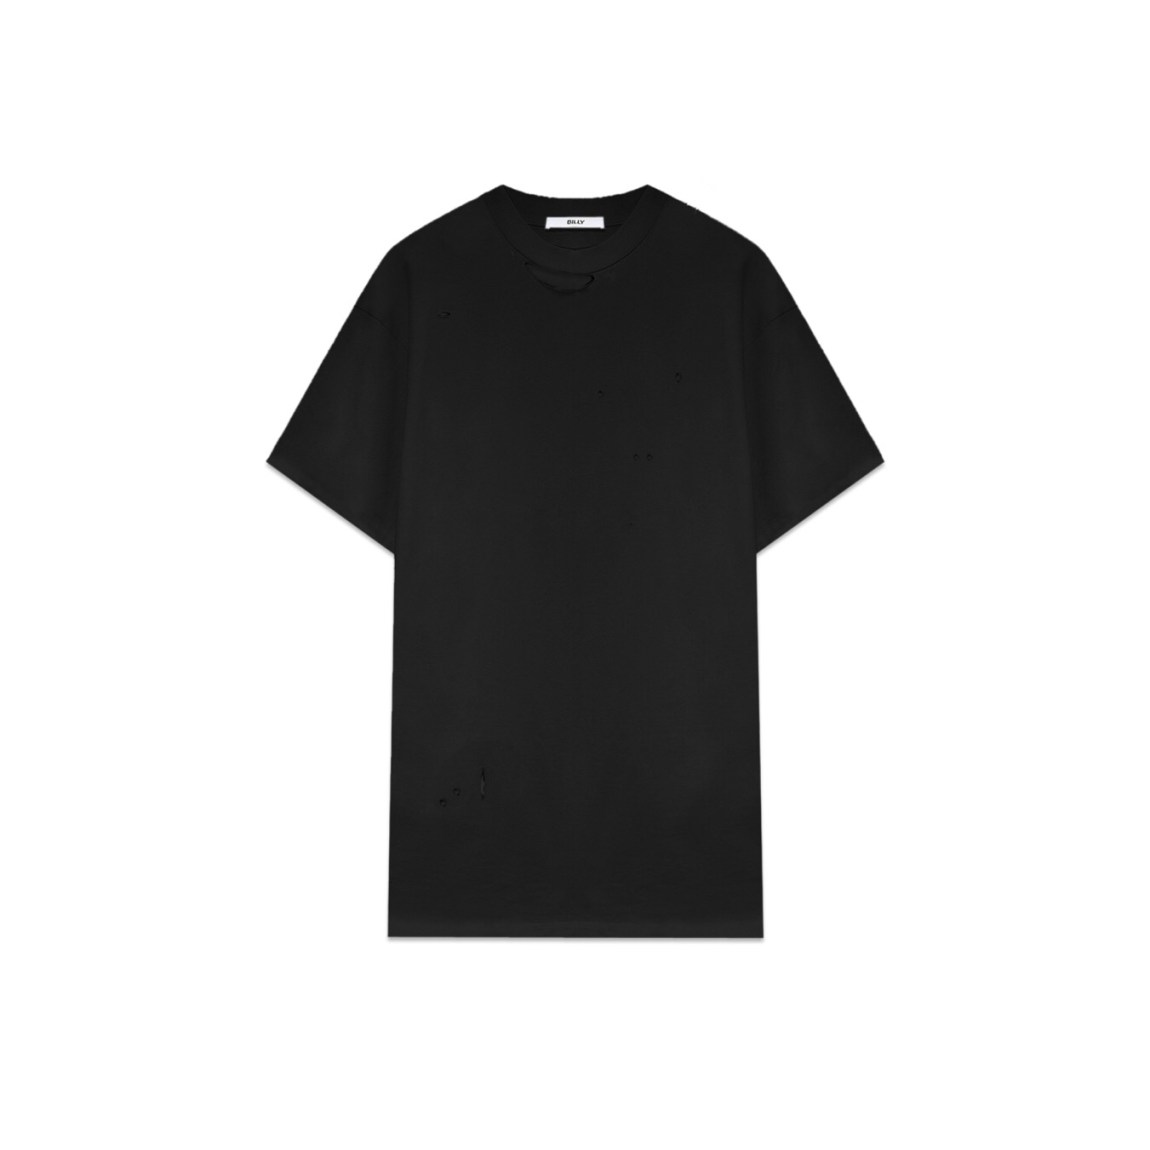 Billy LA, distressed t shirt